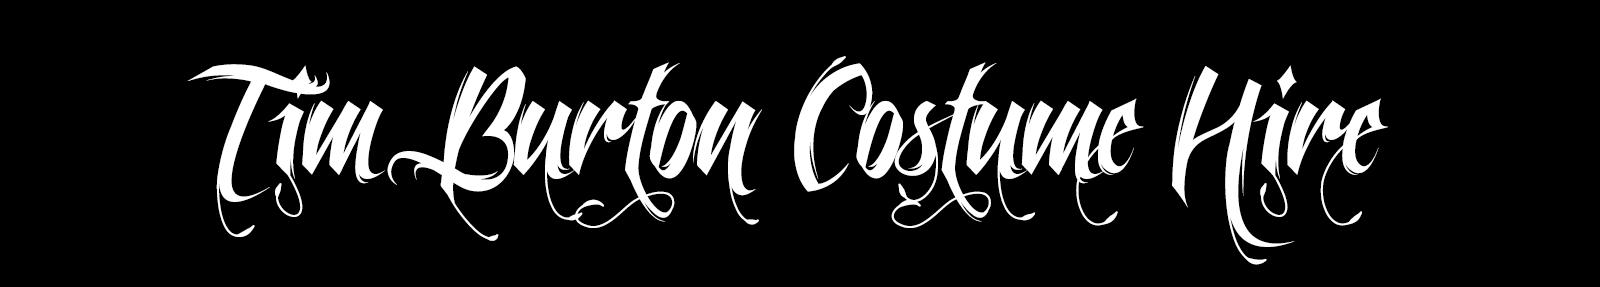 Tim Burton Costume Hire